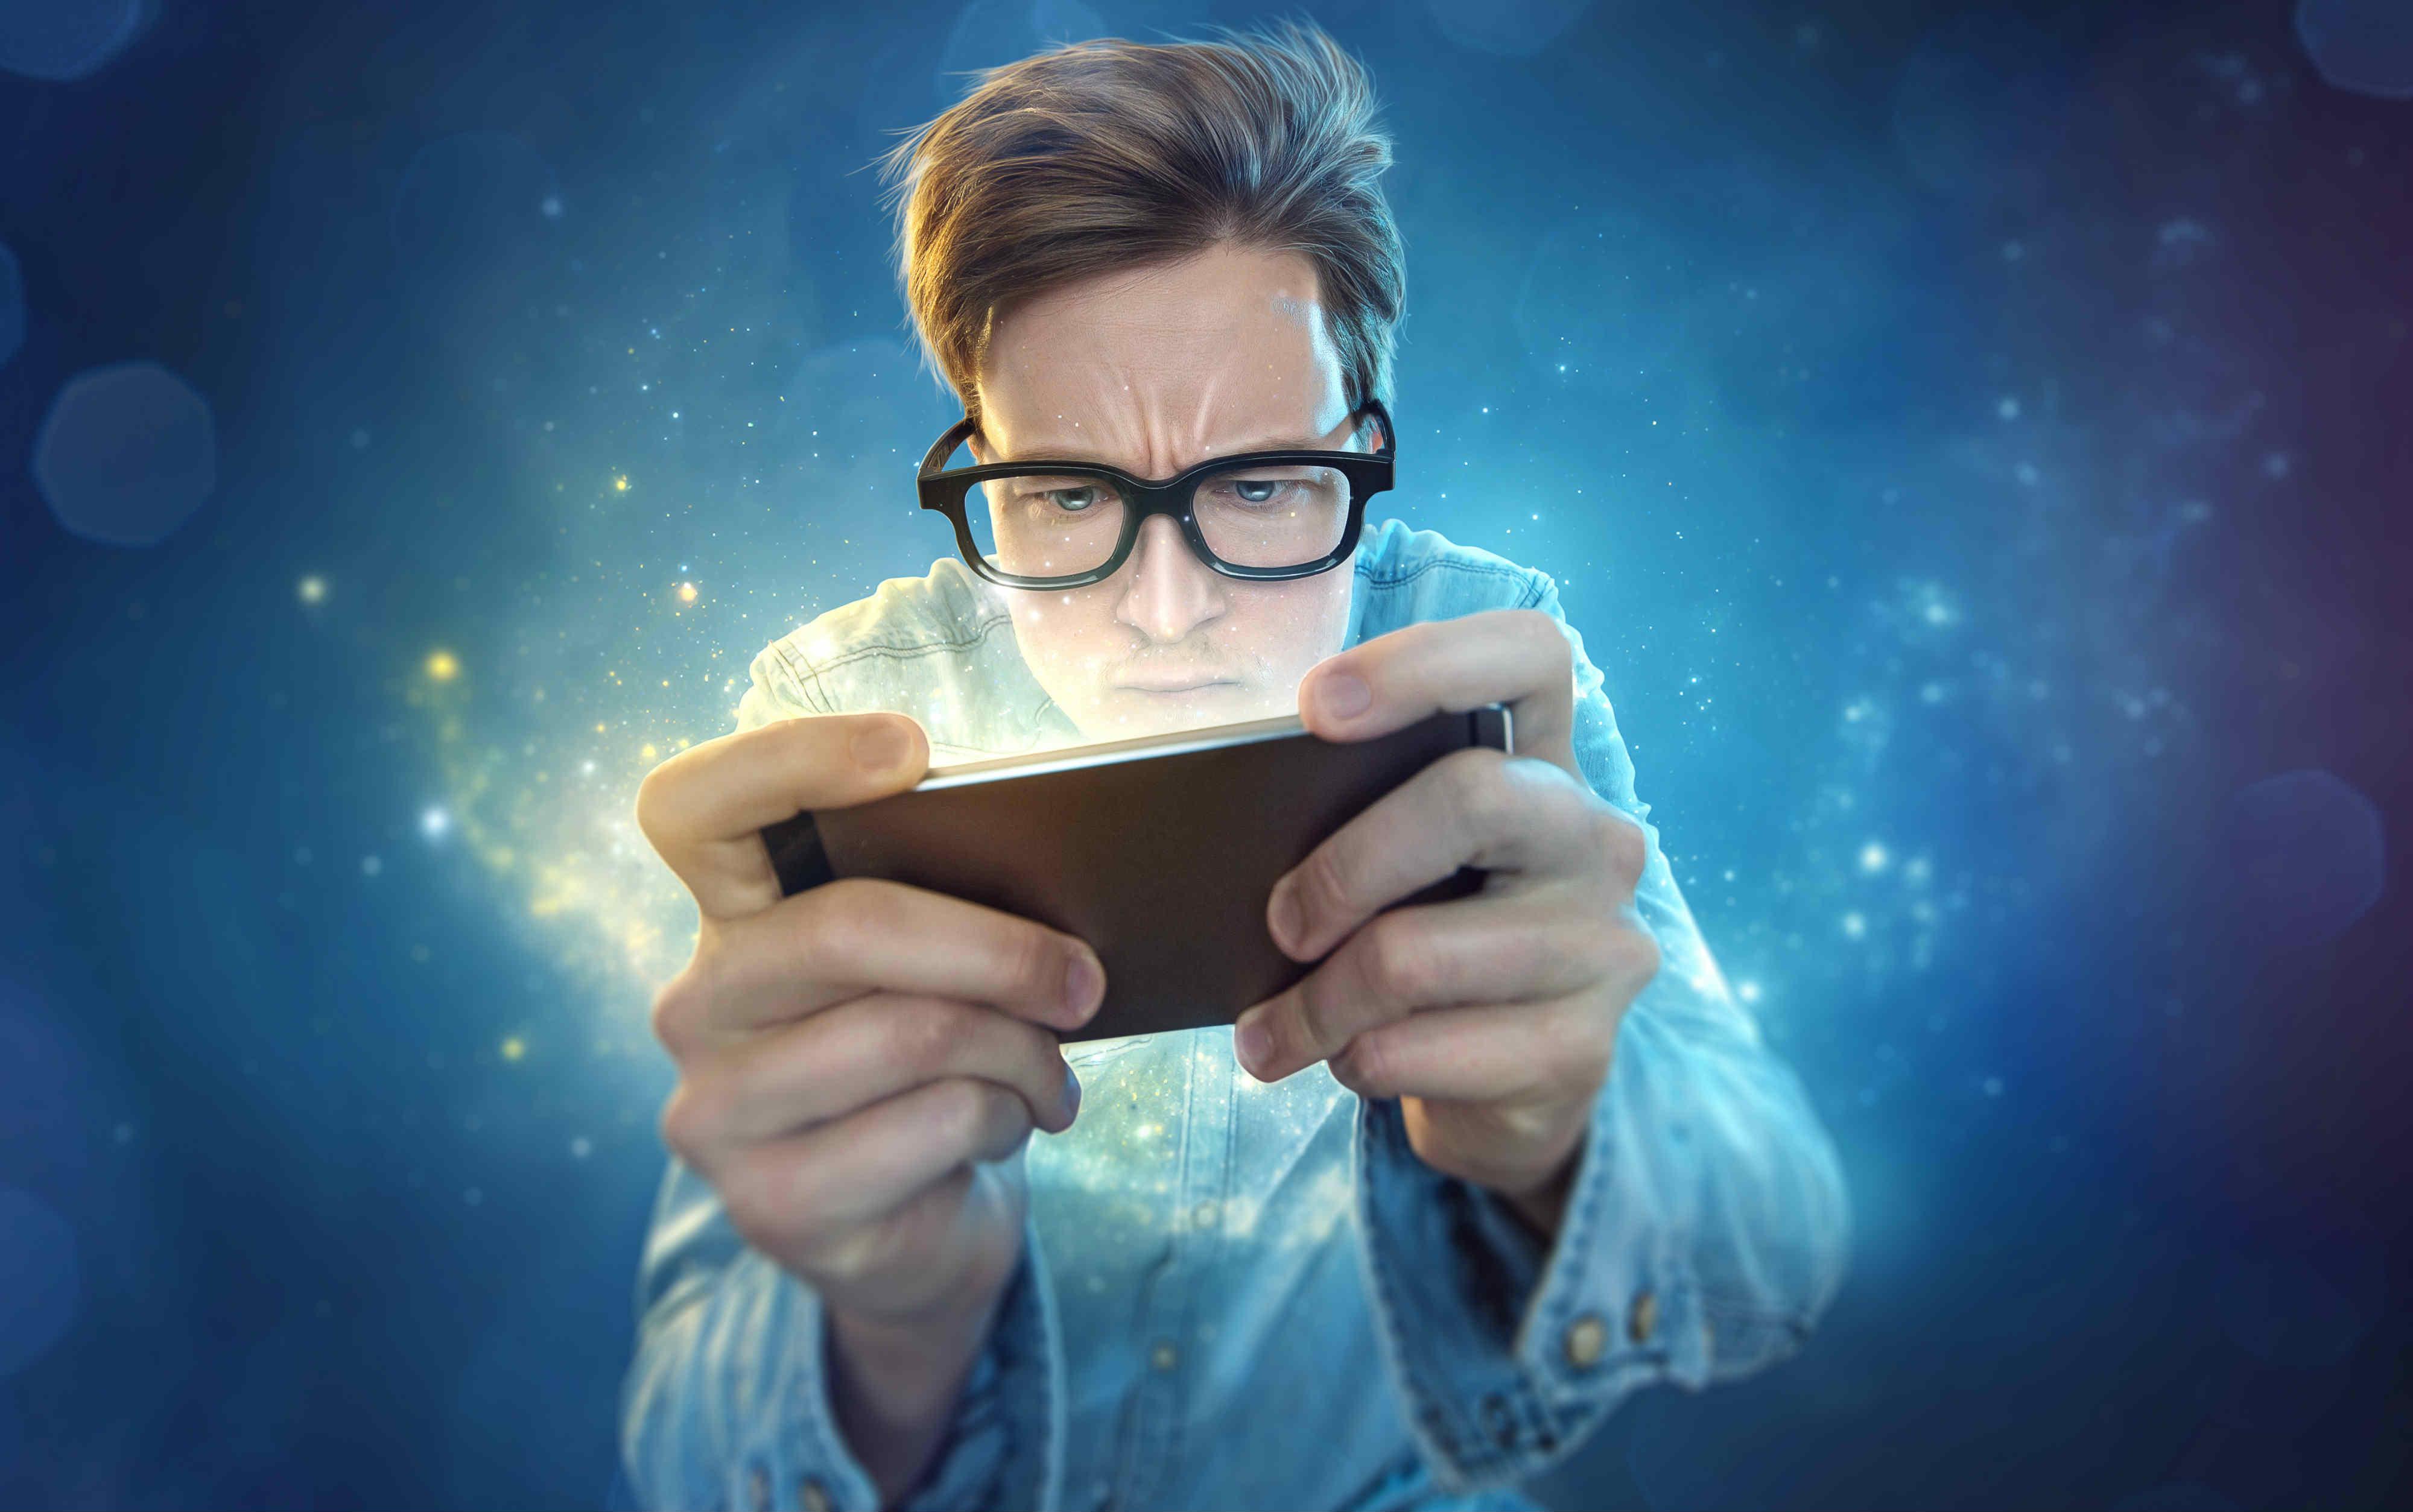 携帯乗り換え(MNP)でゲームアプリを引き継ぐ方法!有名3選